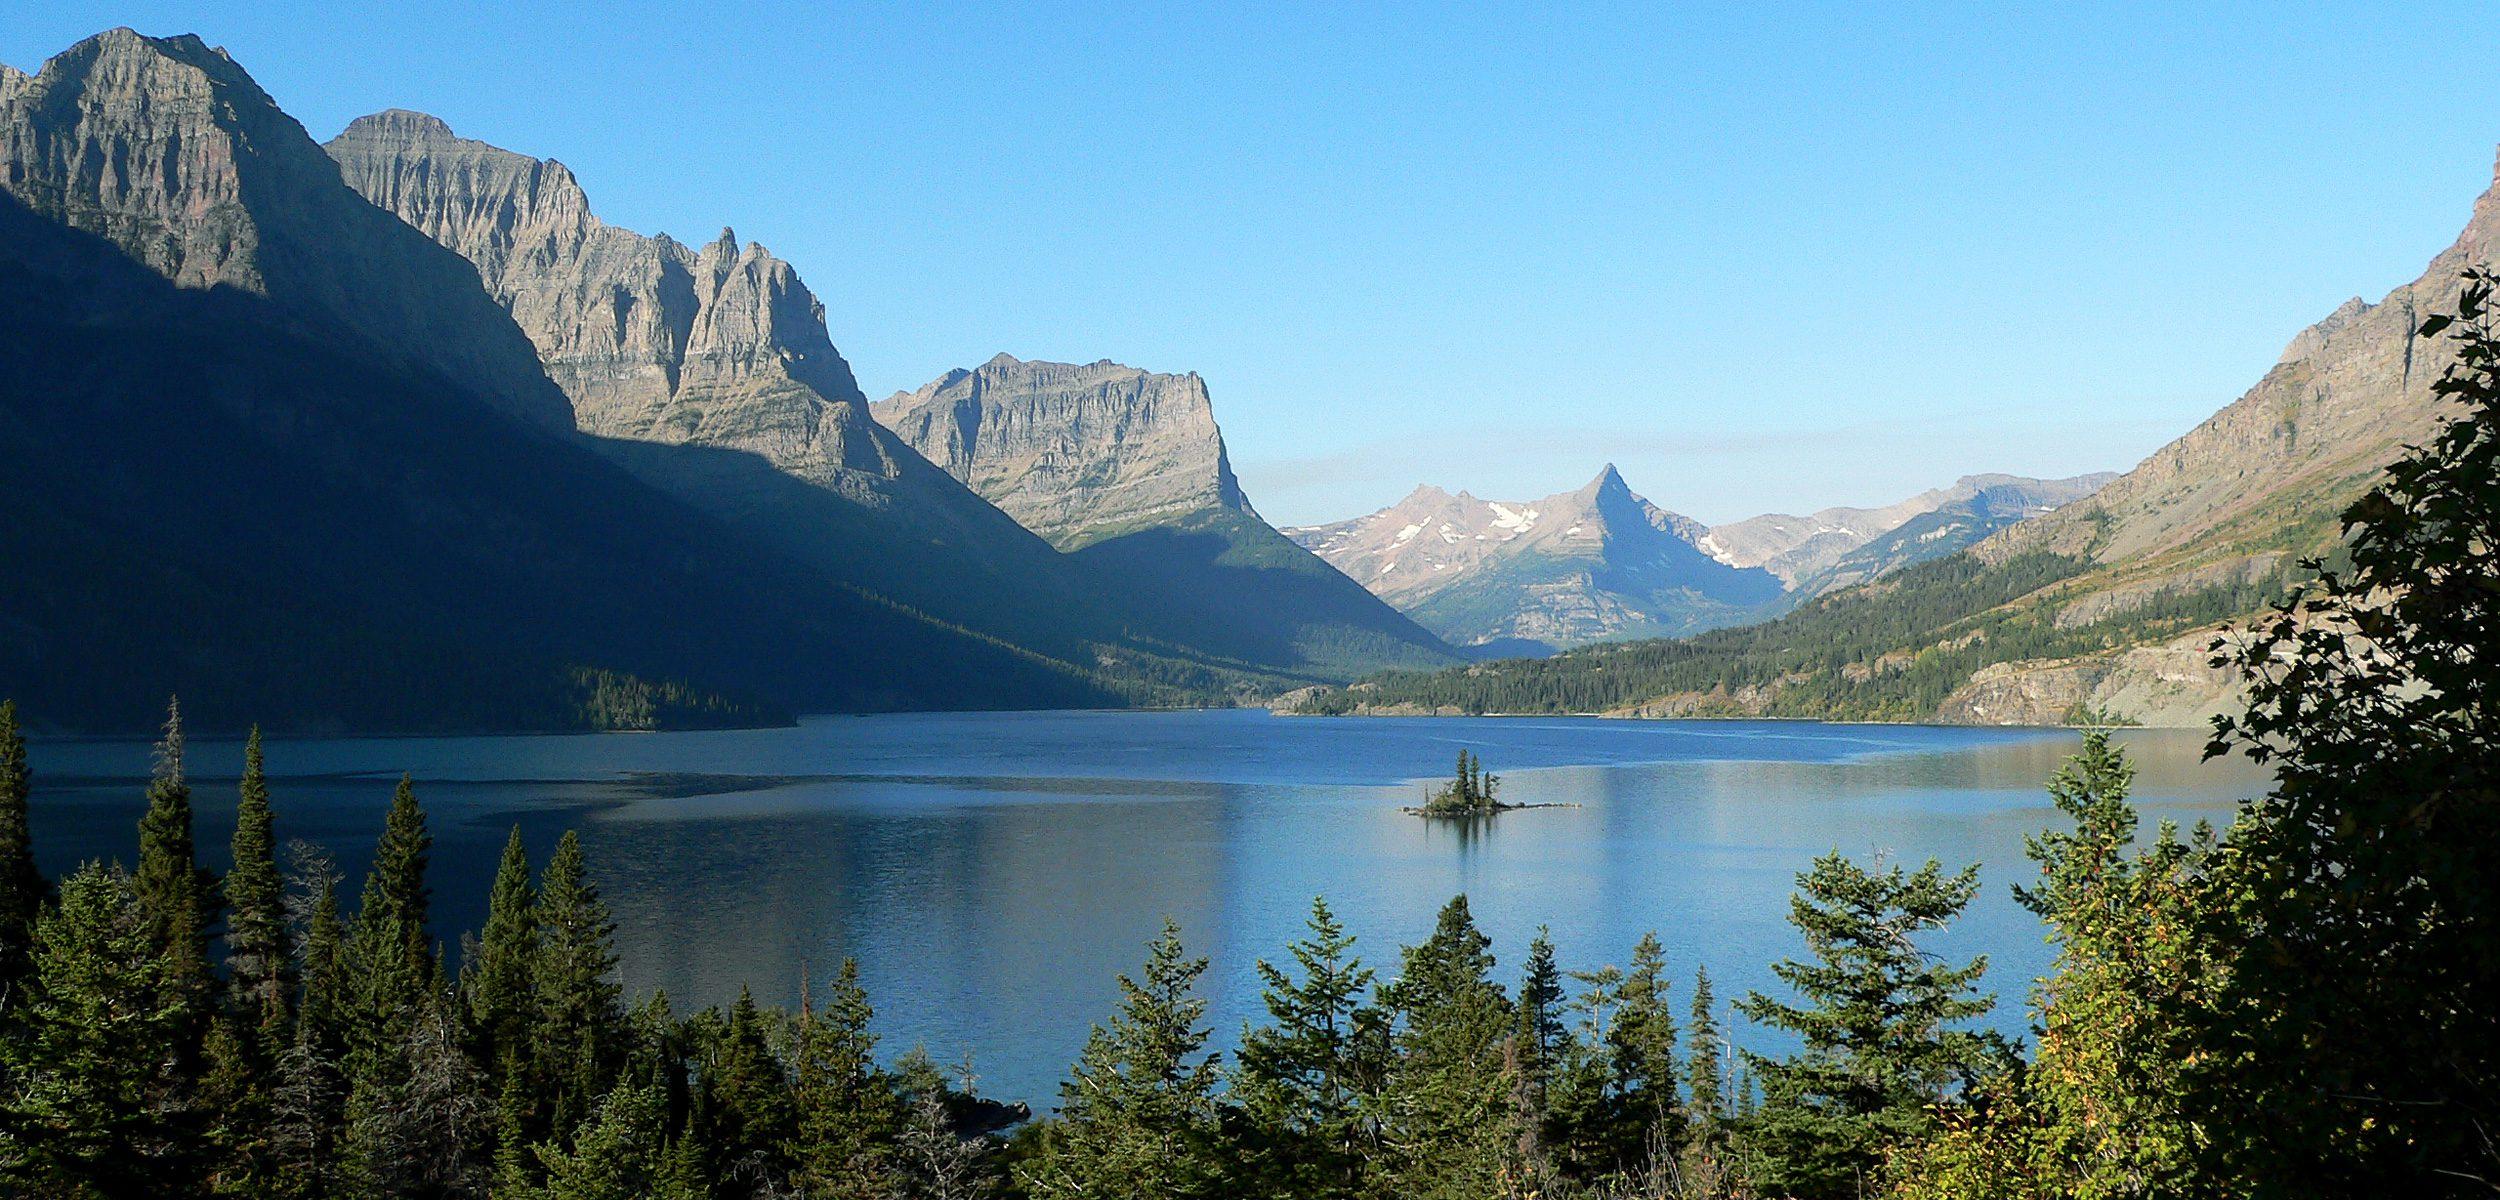 St. Mary Lake Shining